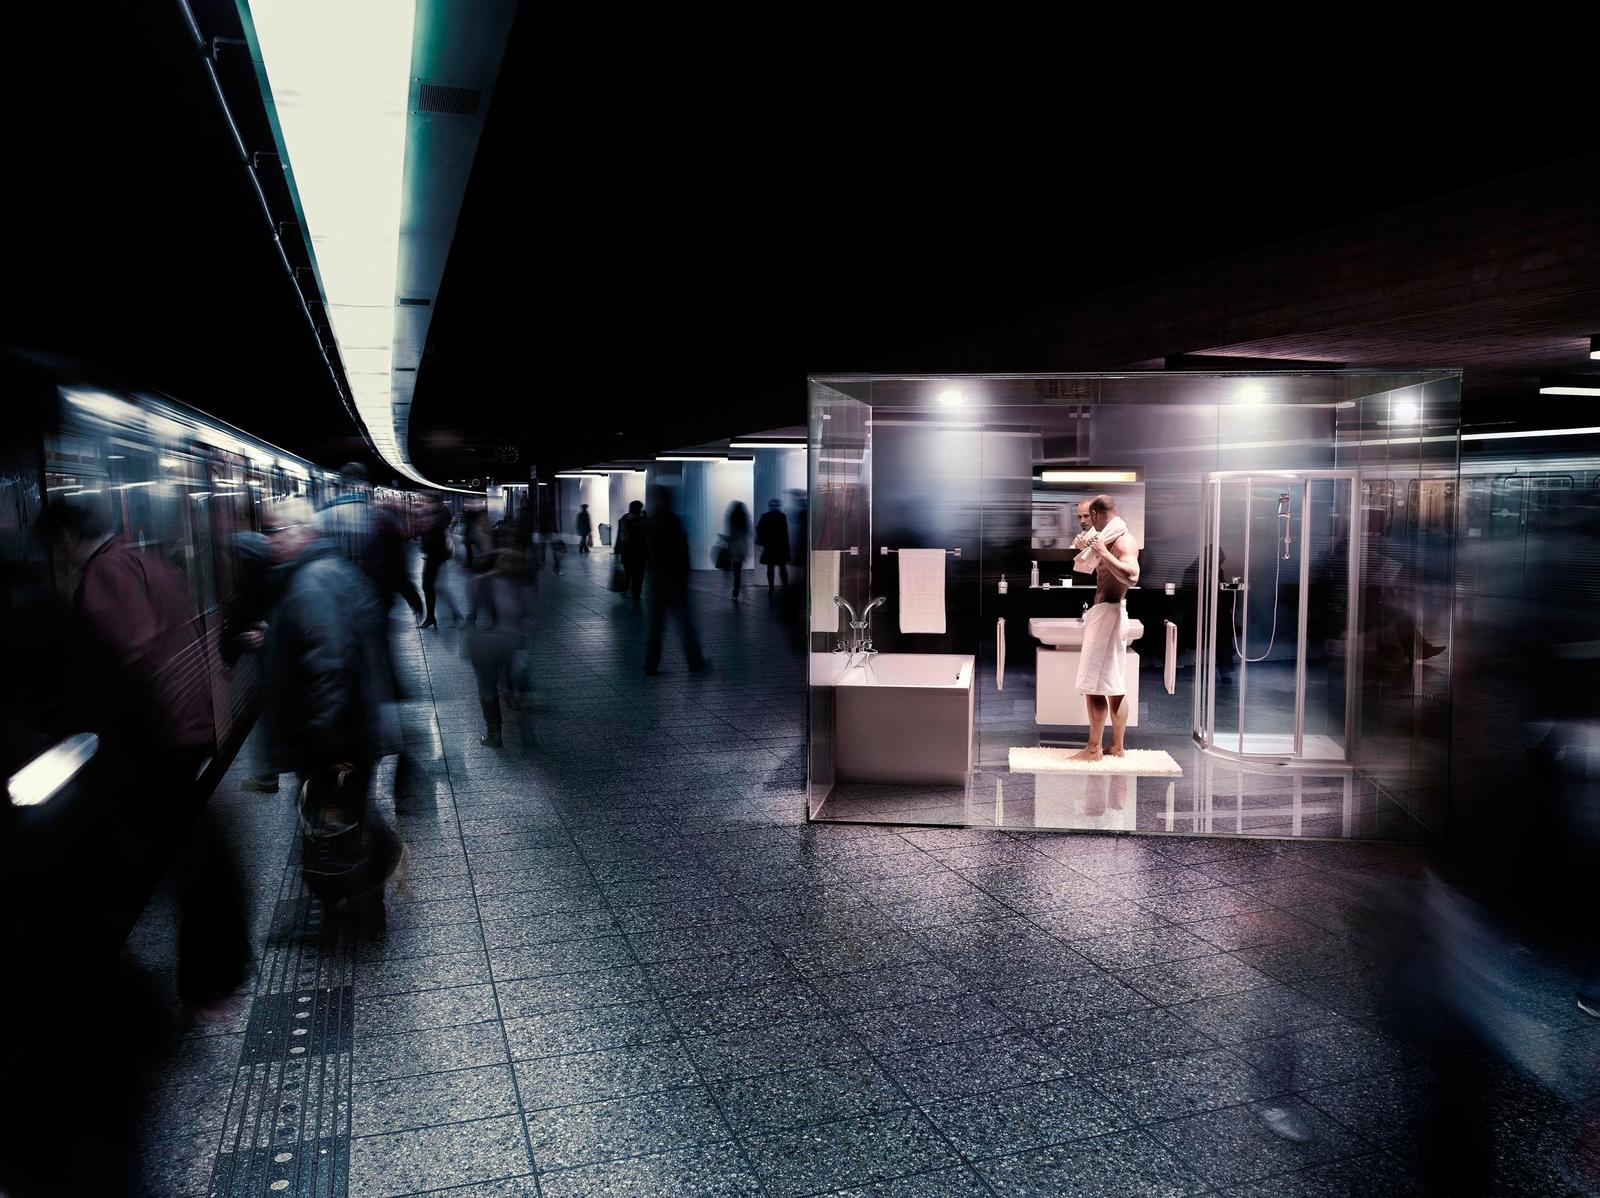 Favoriete foto van reclamefotograaf Vincent Kruijt in opdracht van het Rotterdams reclamebureau ARA voor een campagne van Sphinx voor badkamers en sanitair met als thema 'mijn domein'.